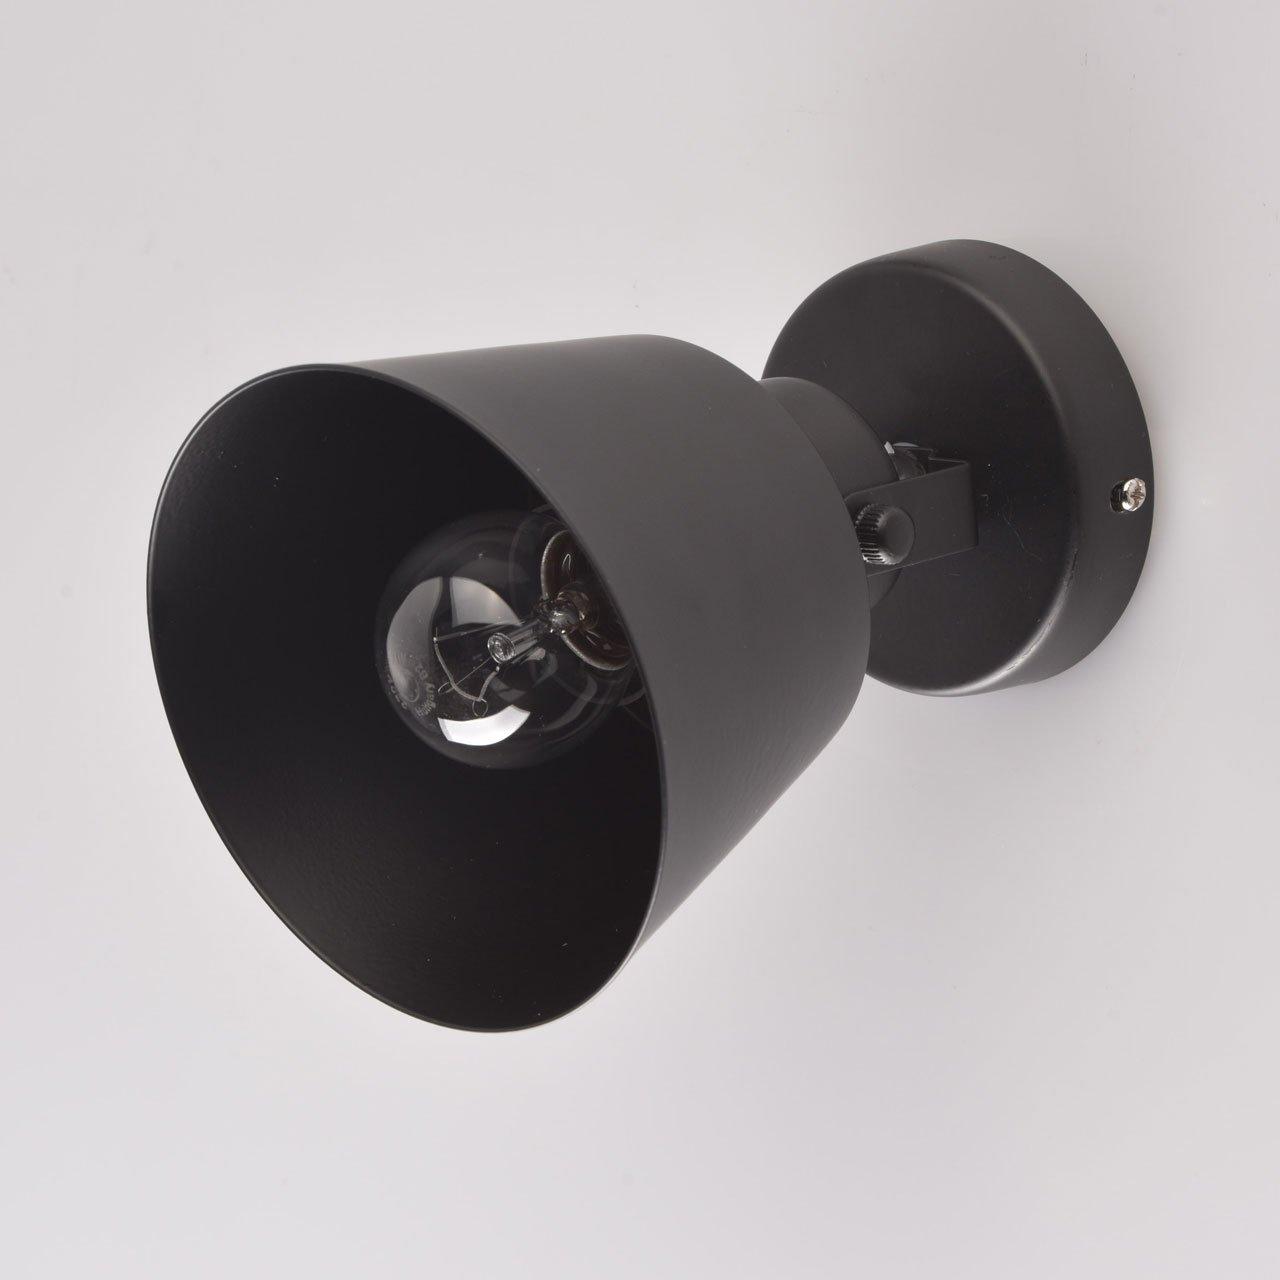 DeMarkt 547021201 Applique Faretto Moderno innovativo Metallo Colore Nero Stile Loft Industriale 1 x 60W E27 Escl